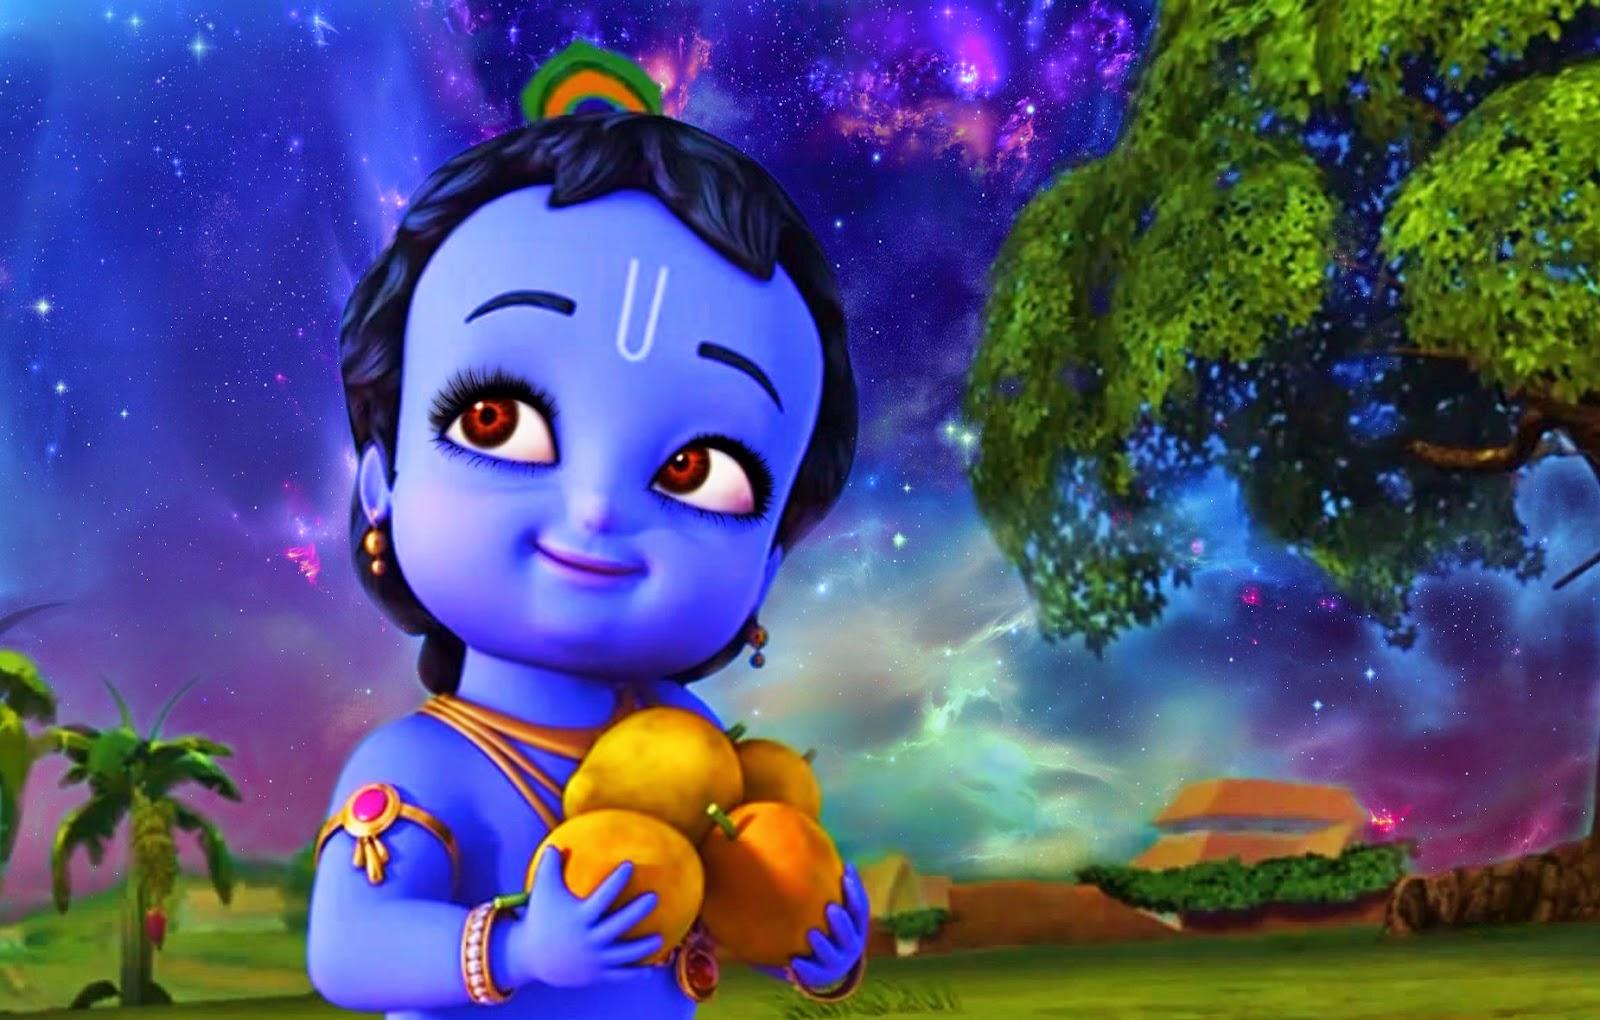 Disney HD Wallpapers: Disney Cartoon Little Krishna HD ...  Disney HD Wallp...